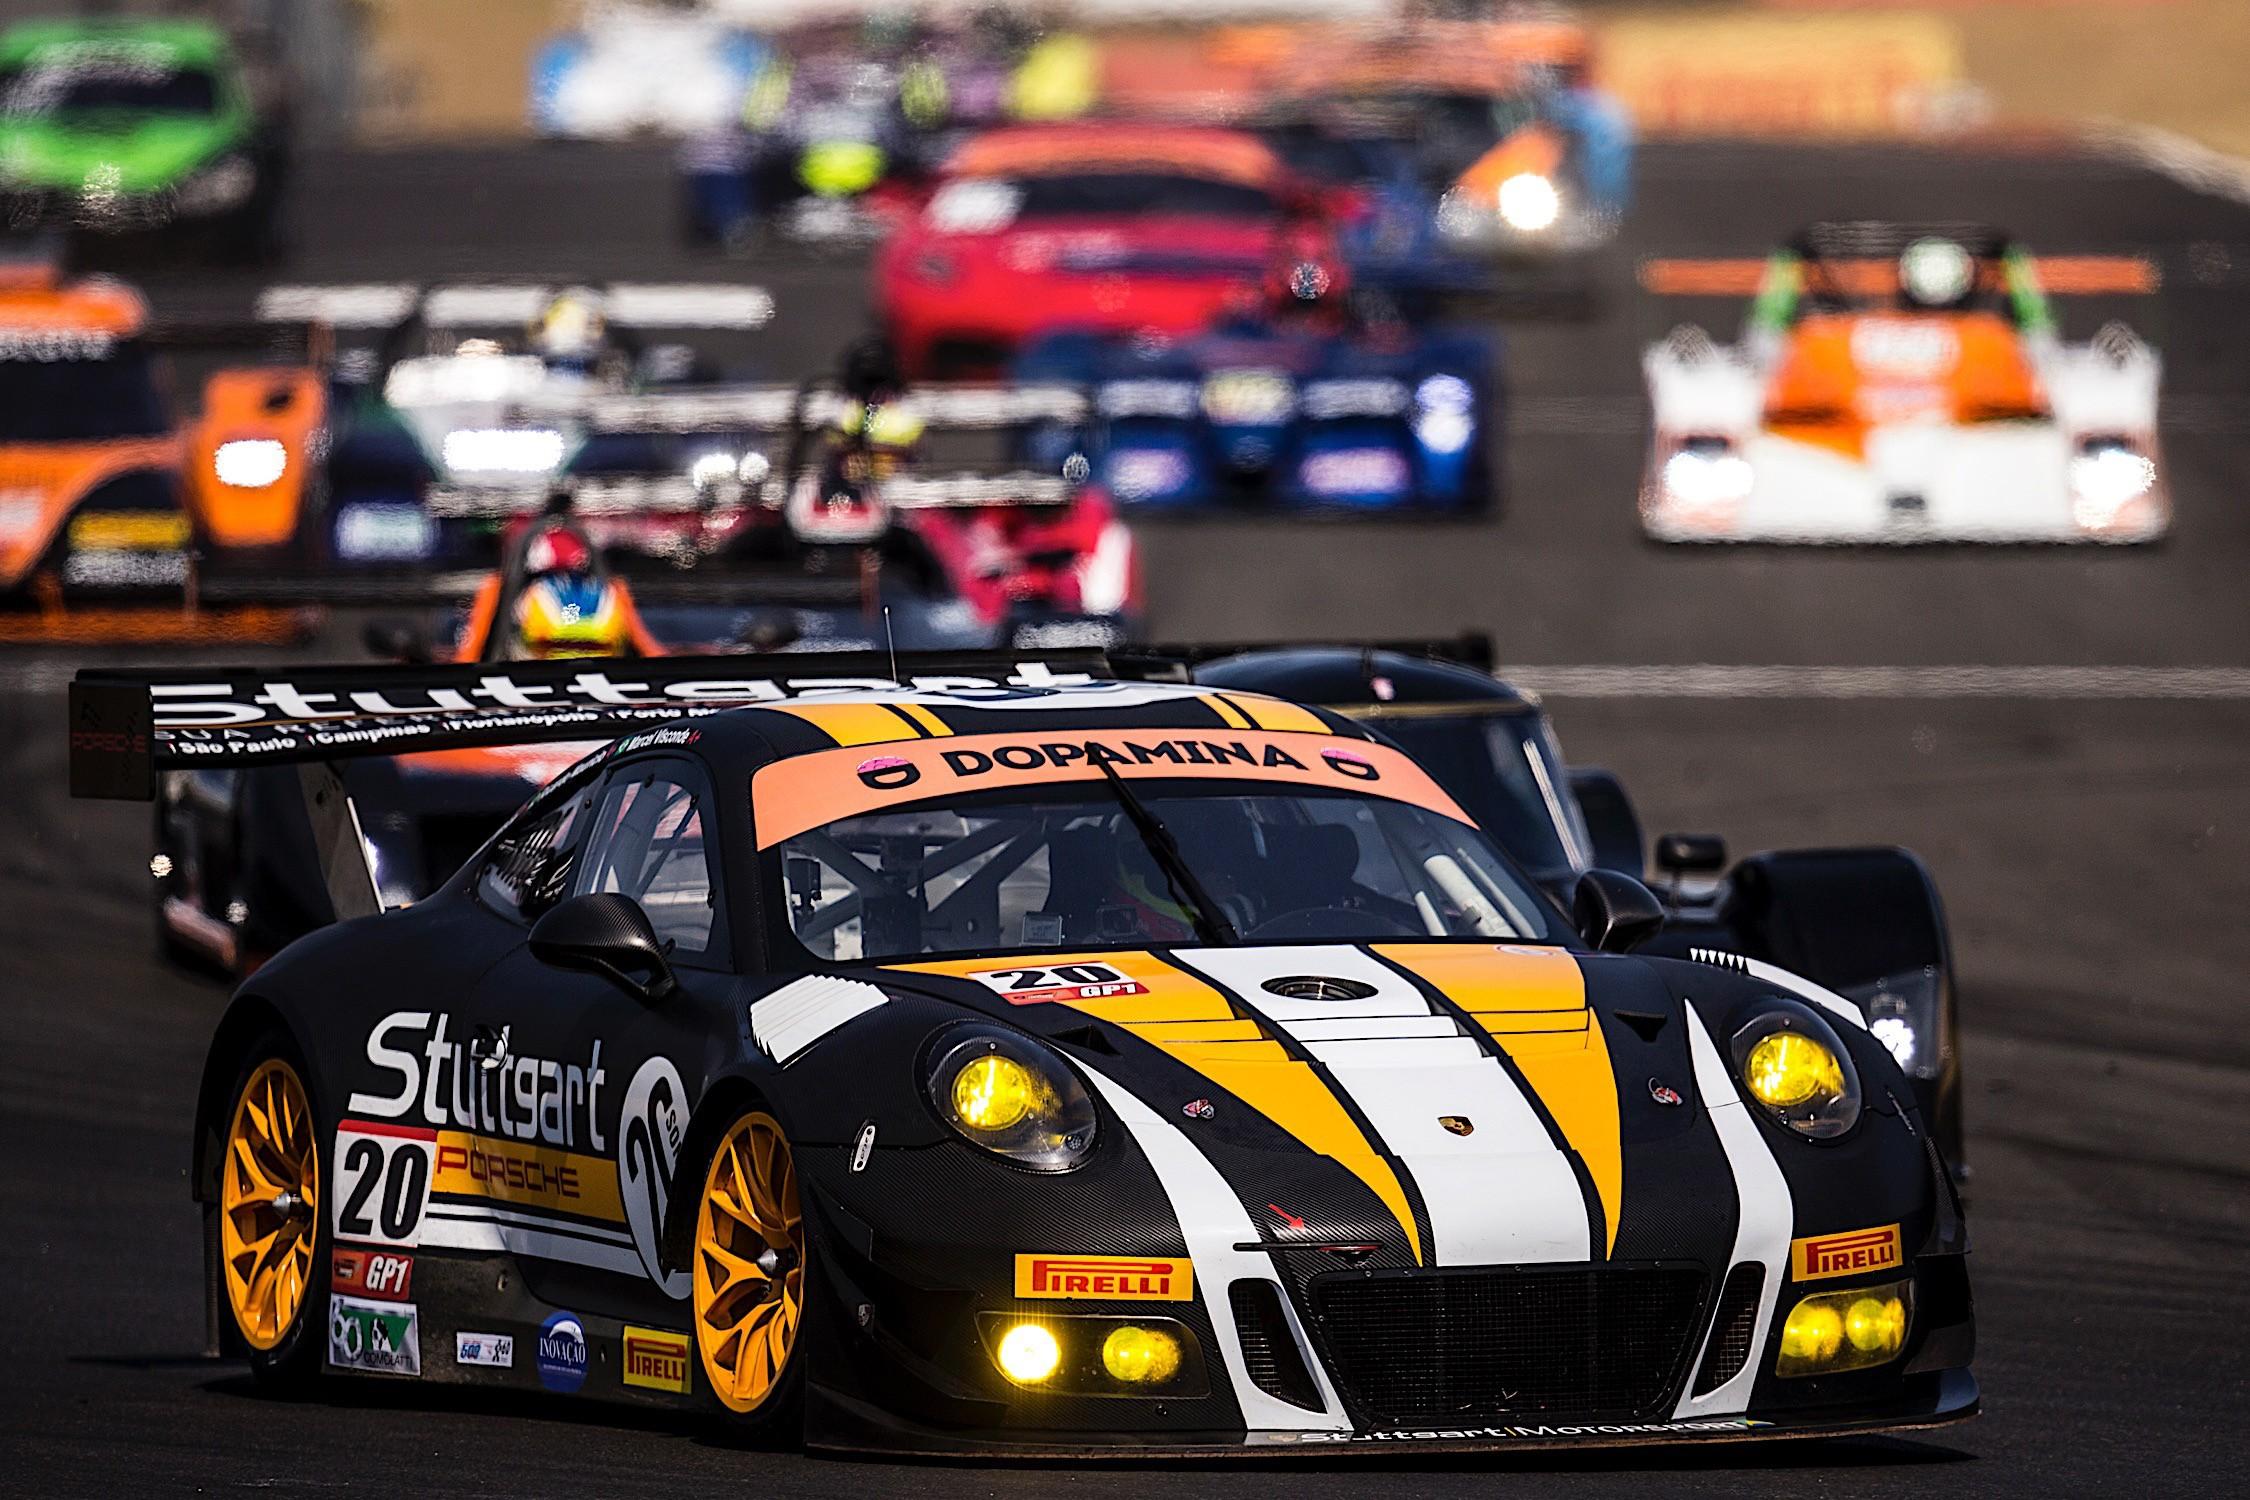 Porsche GT3R #20 - Marcel Visconde Ricardo Maurício Max Wilson P1 na geral e na categoria GP1 (Foto: Bruno Terena)